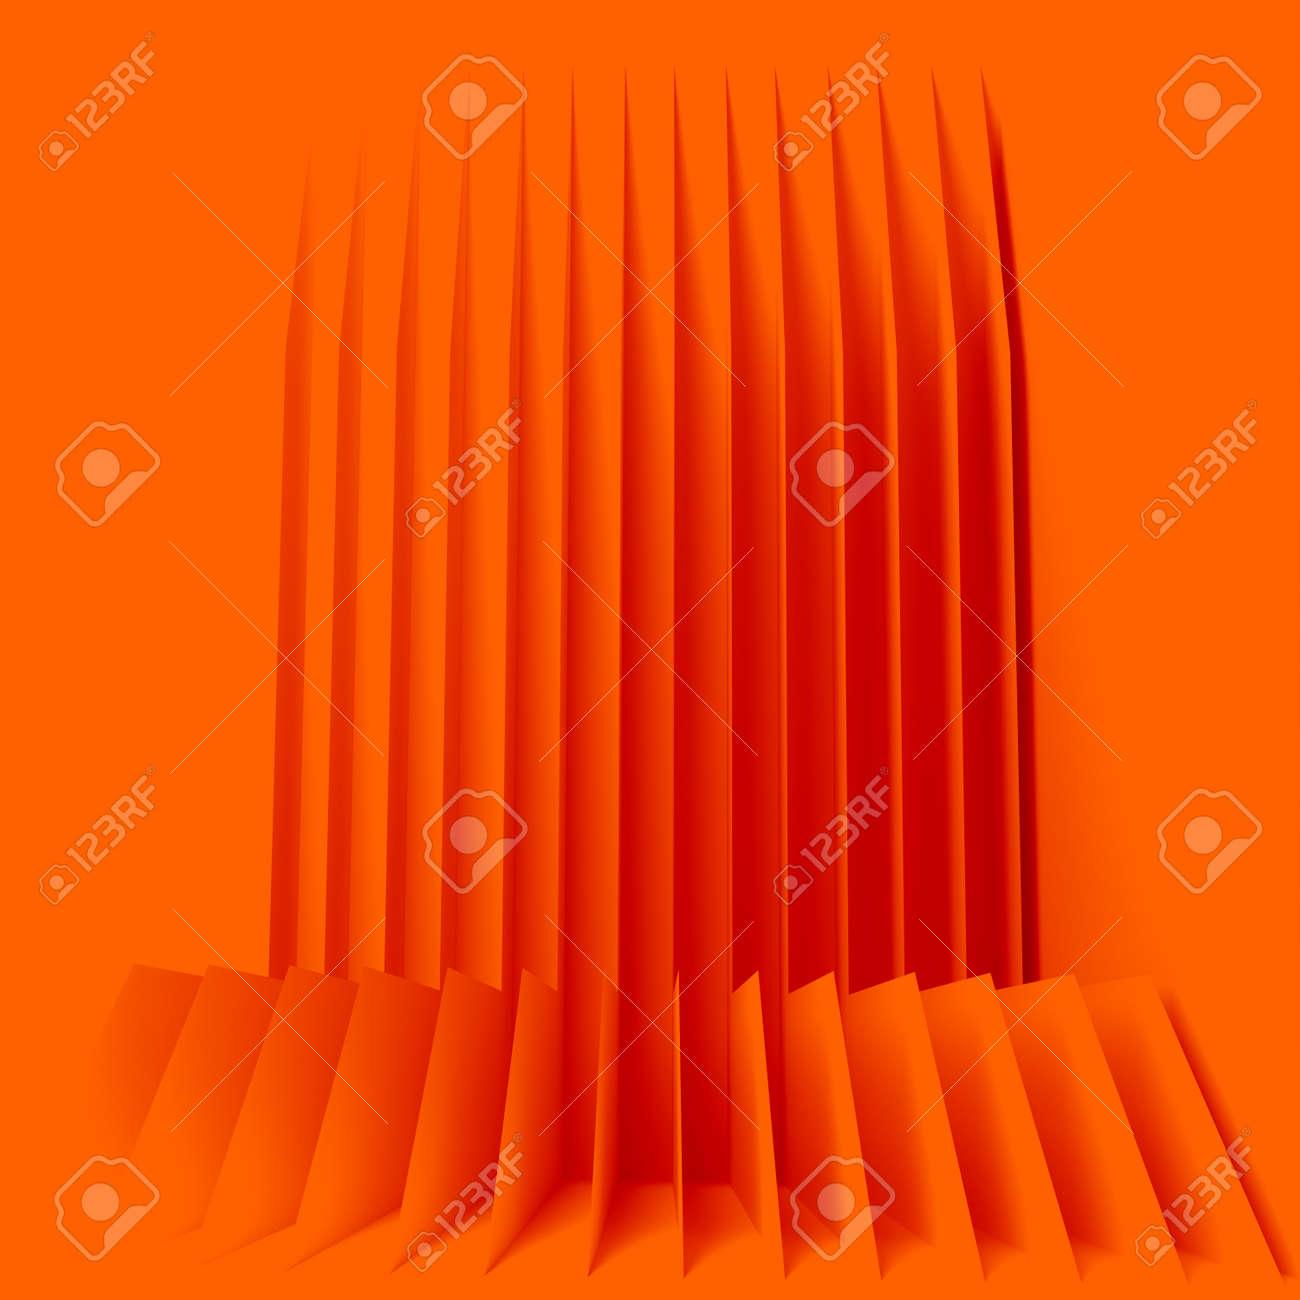 orange houses for real estate property industry, 3d illustration - 157639619